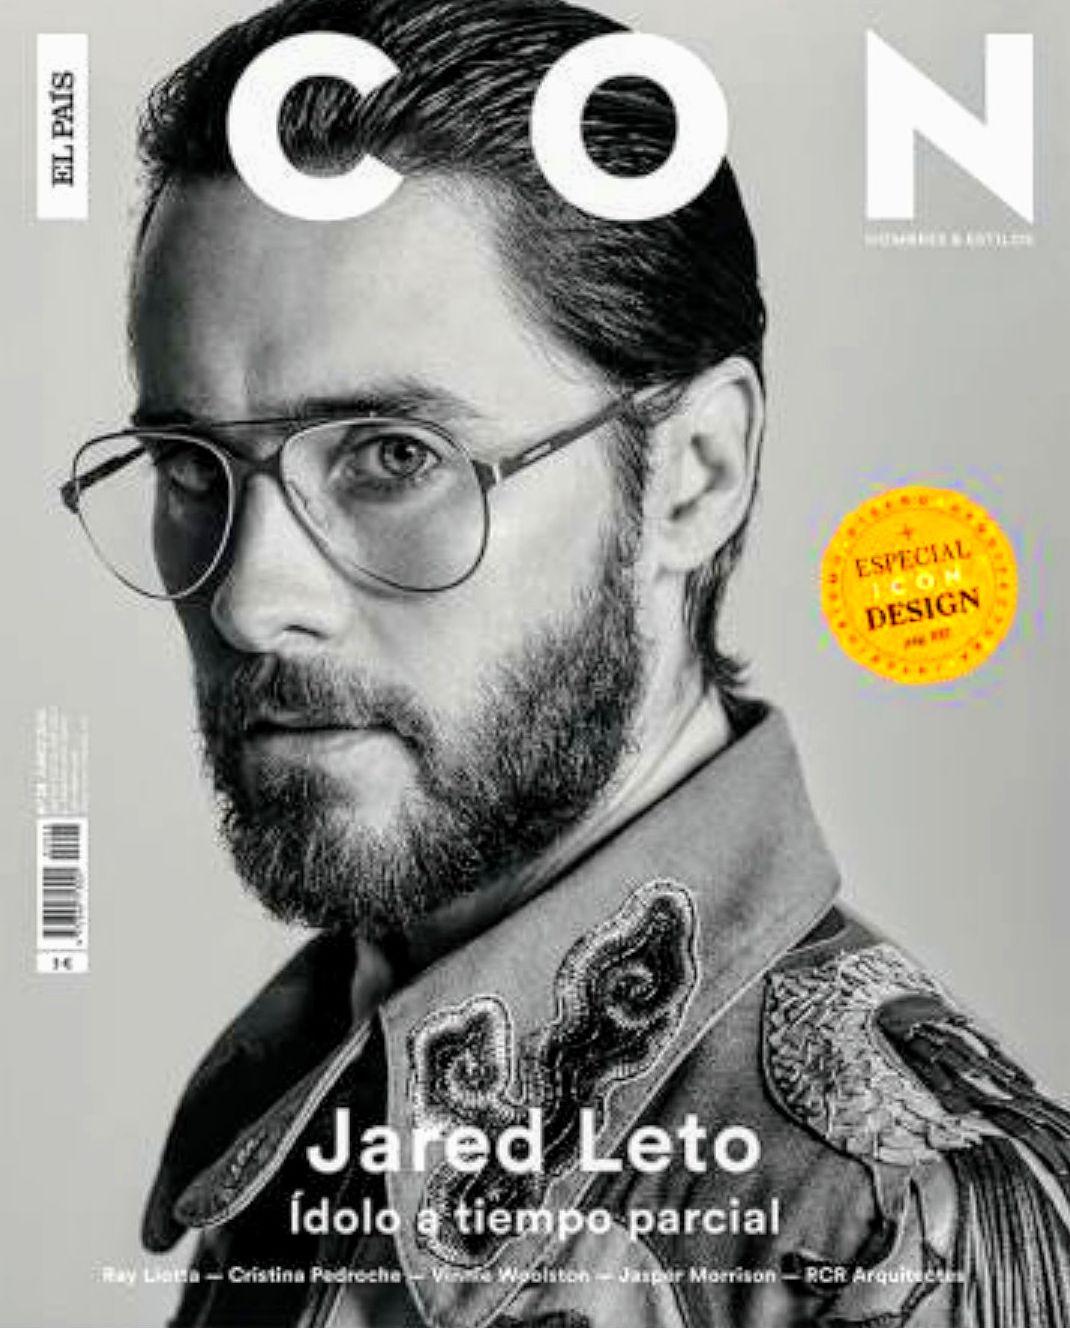 Nueva colaboración en Icon, la revista masculina de El País